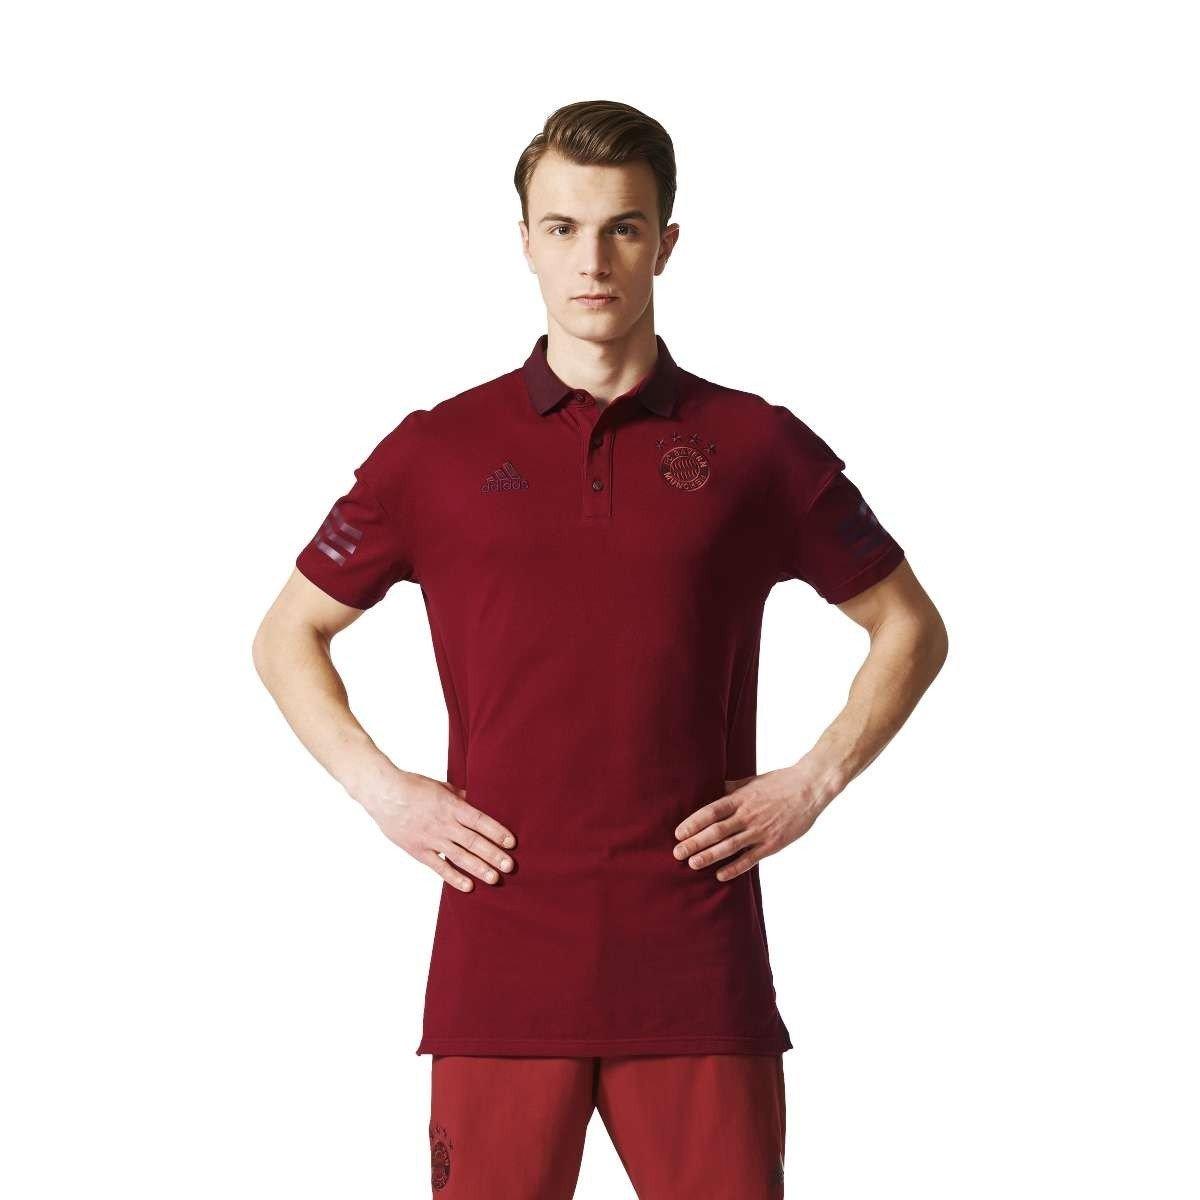 2017-2018 Bayern Munich Adidas BST Lifestyle Polo Shirt (Maroon) B072FKWD9VMaroon Large 42-44\